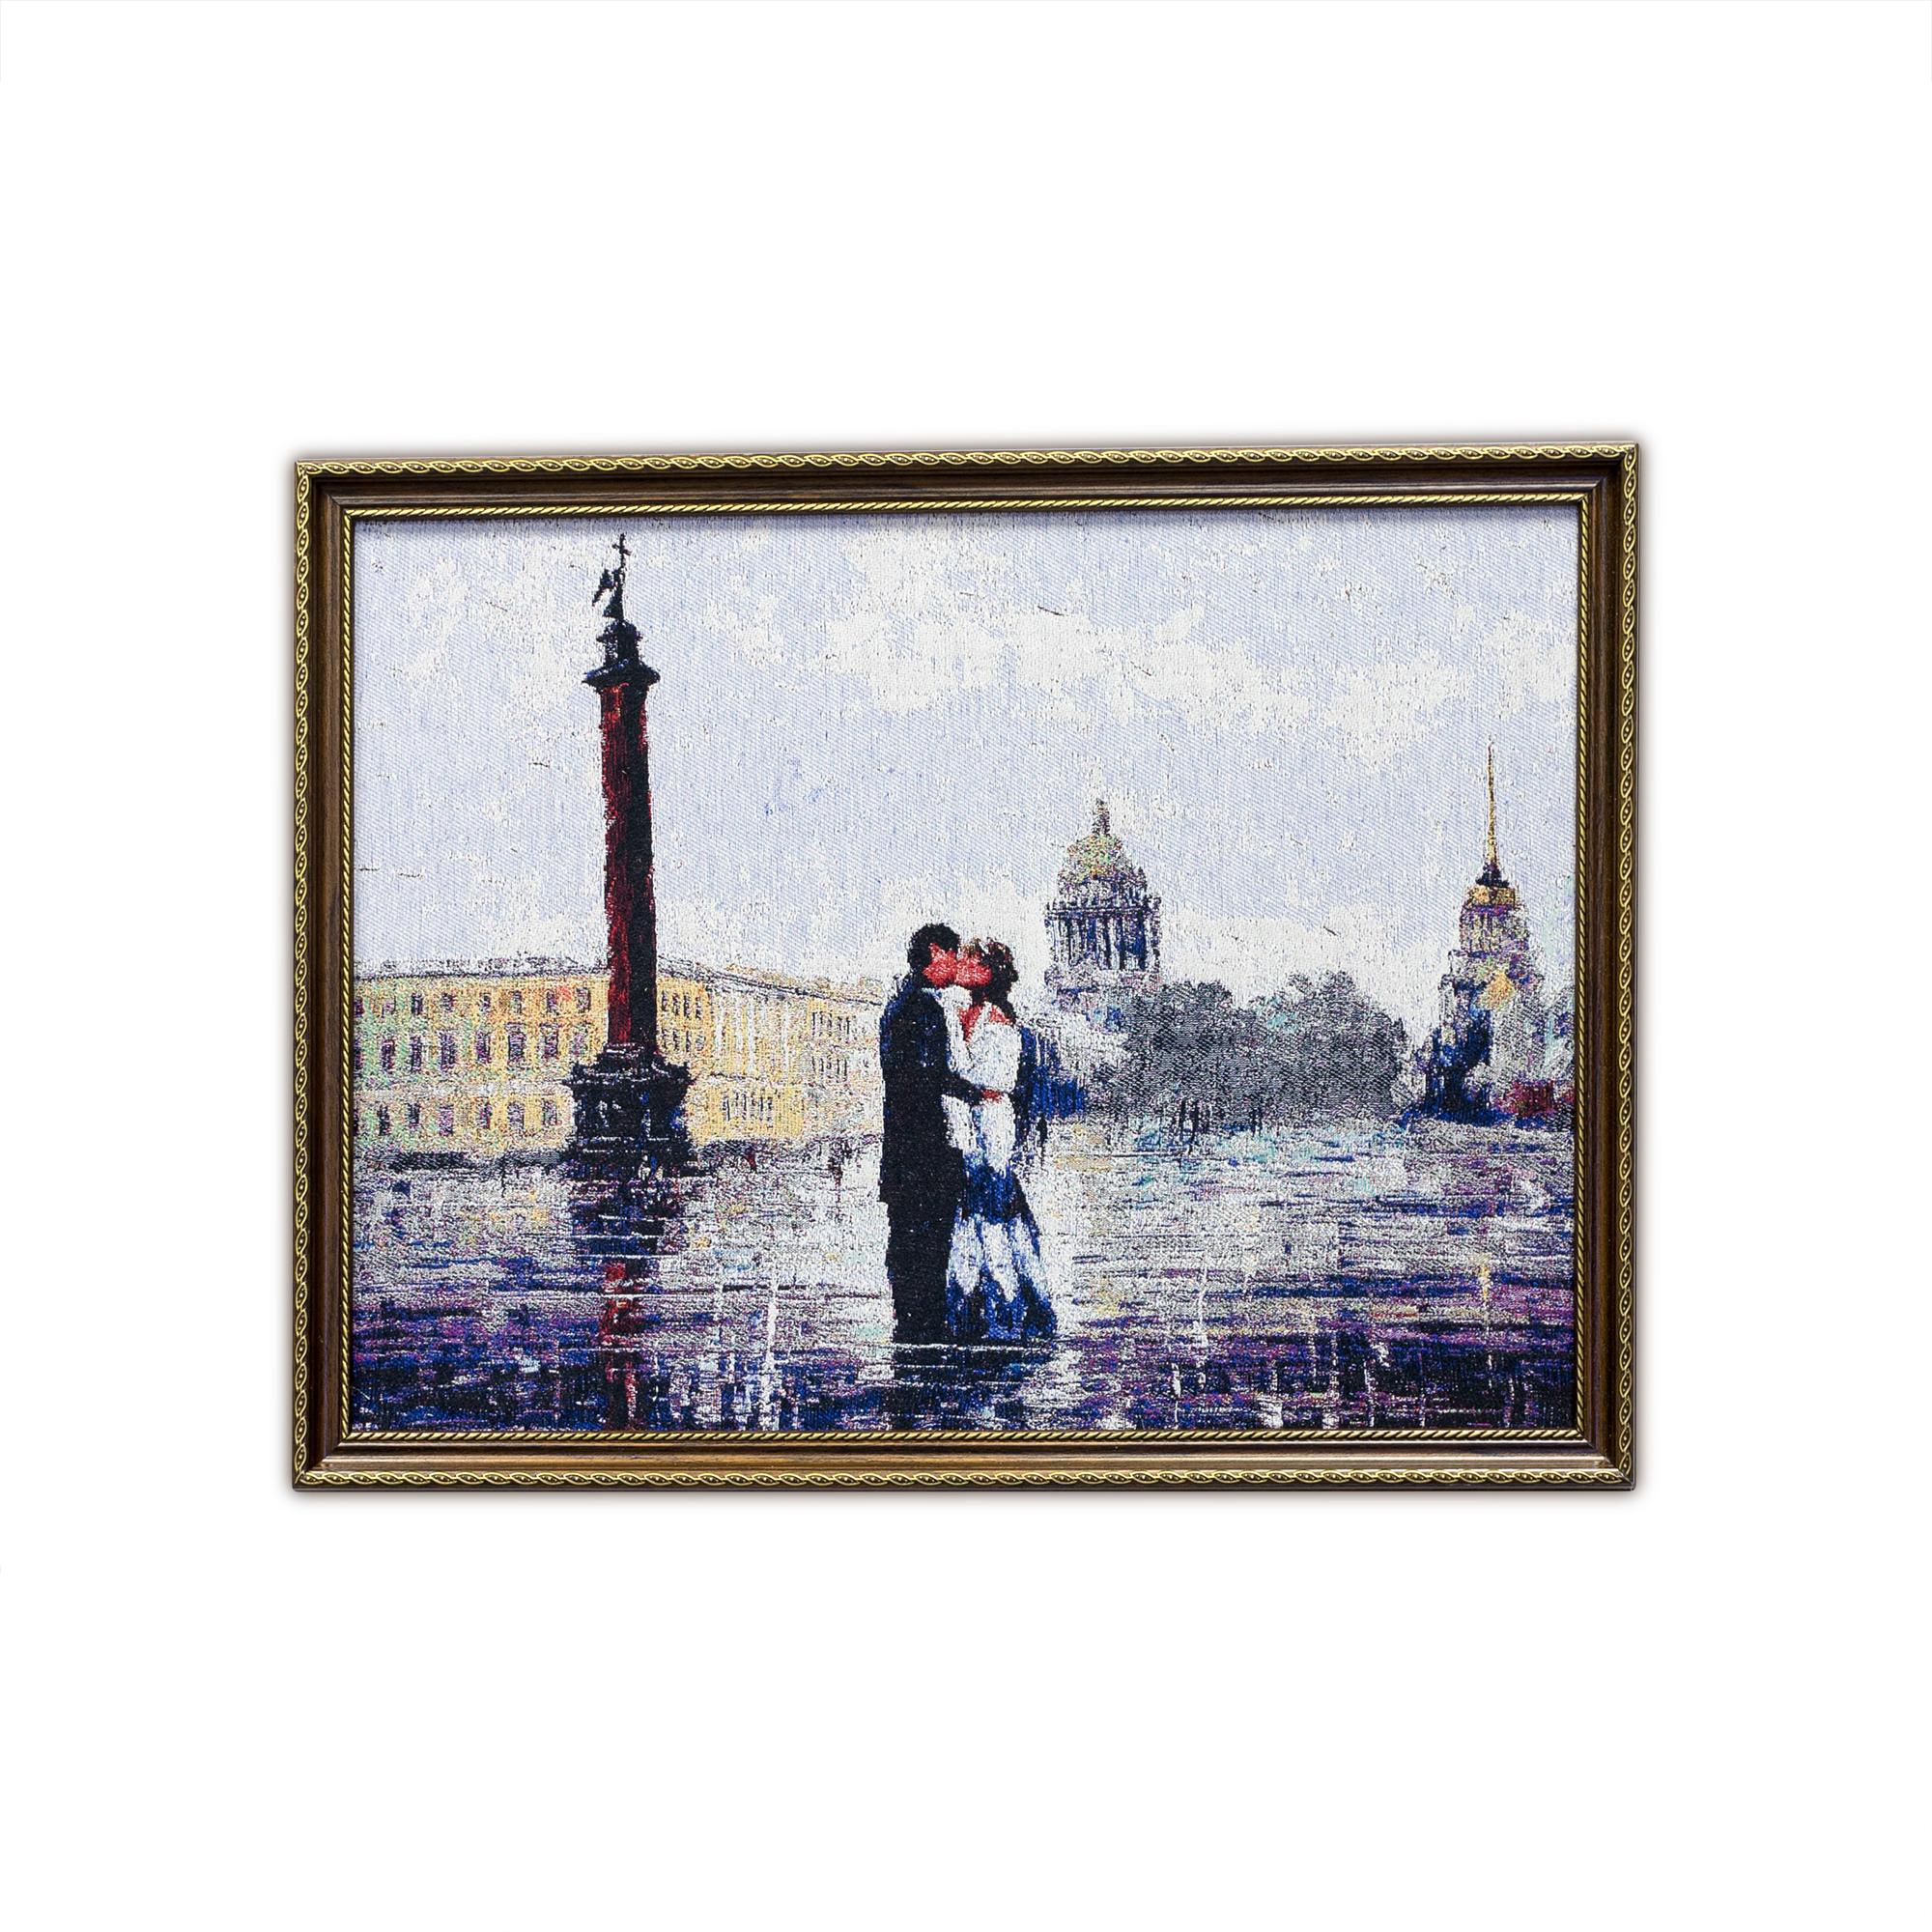 Купить Картины, постеры, гобелены, панно A La Gobelin, Картина Триумфальная Площадь (48х58 см), Россия, Гобелен